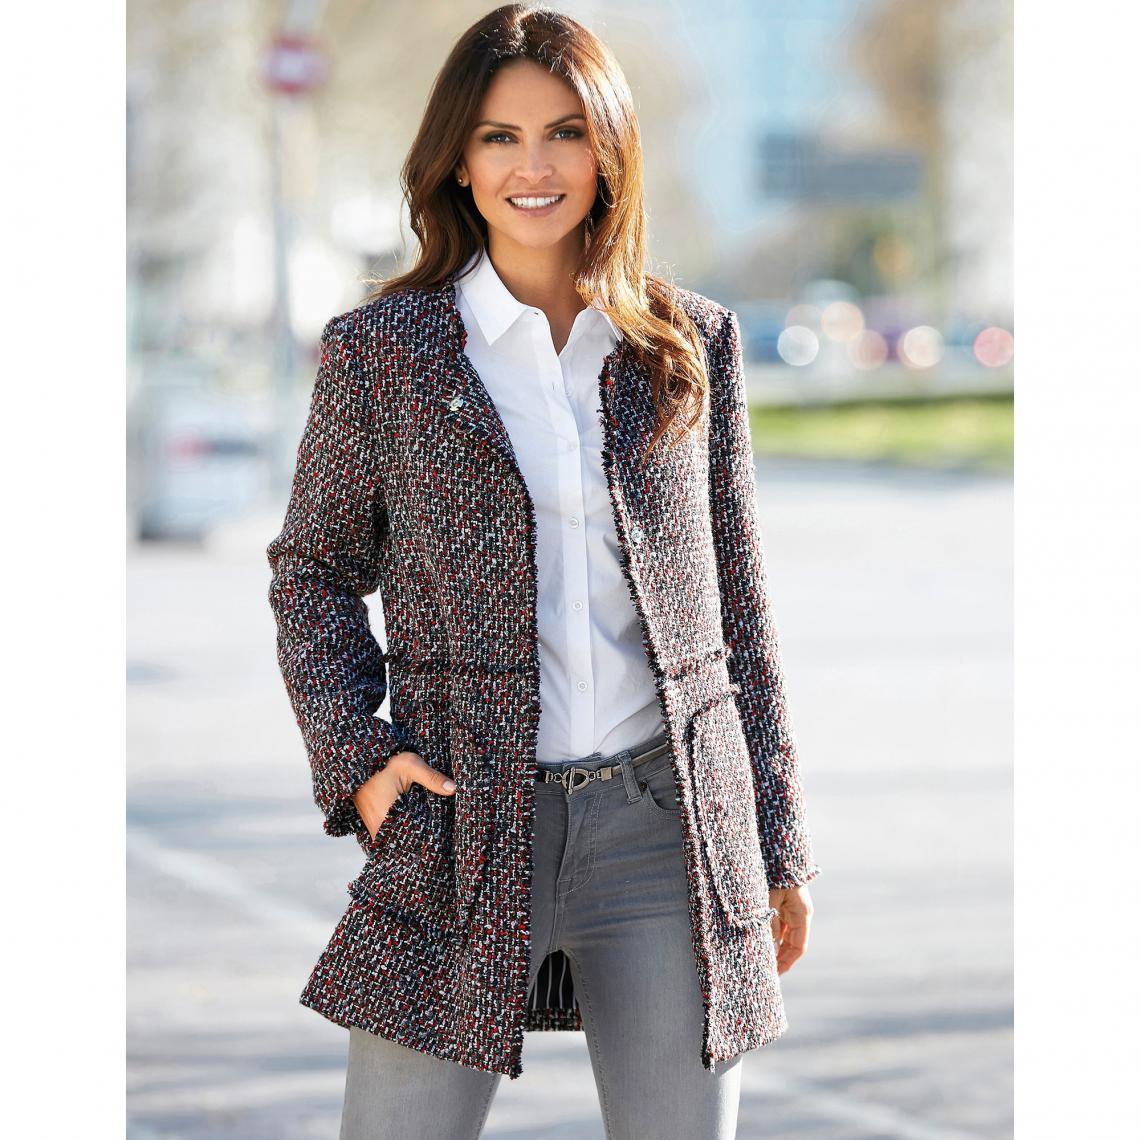 Manteau doublé fermé par pressions aspect effiloché femme Exclusivité  3SUISSES - Rouge Grenat 3 SUISSES Femme 49d8a8103b3